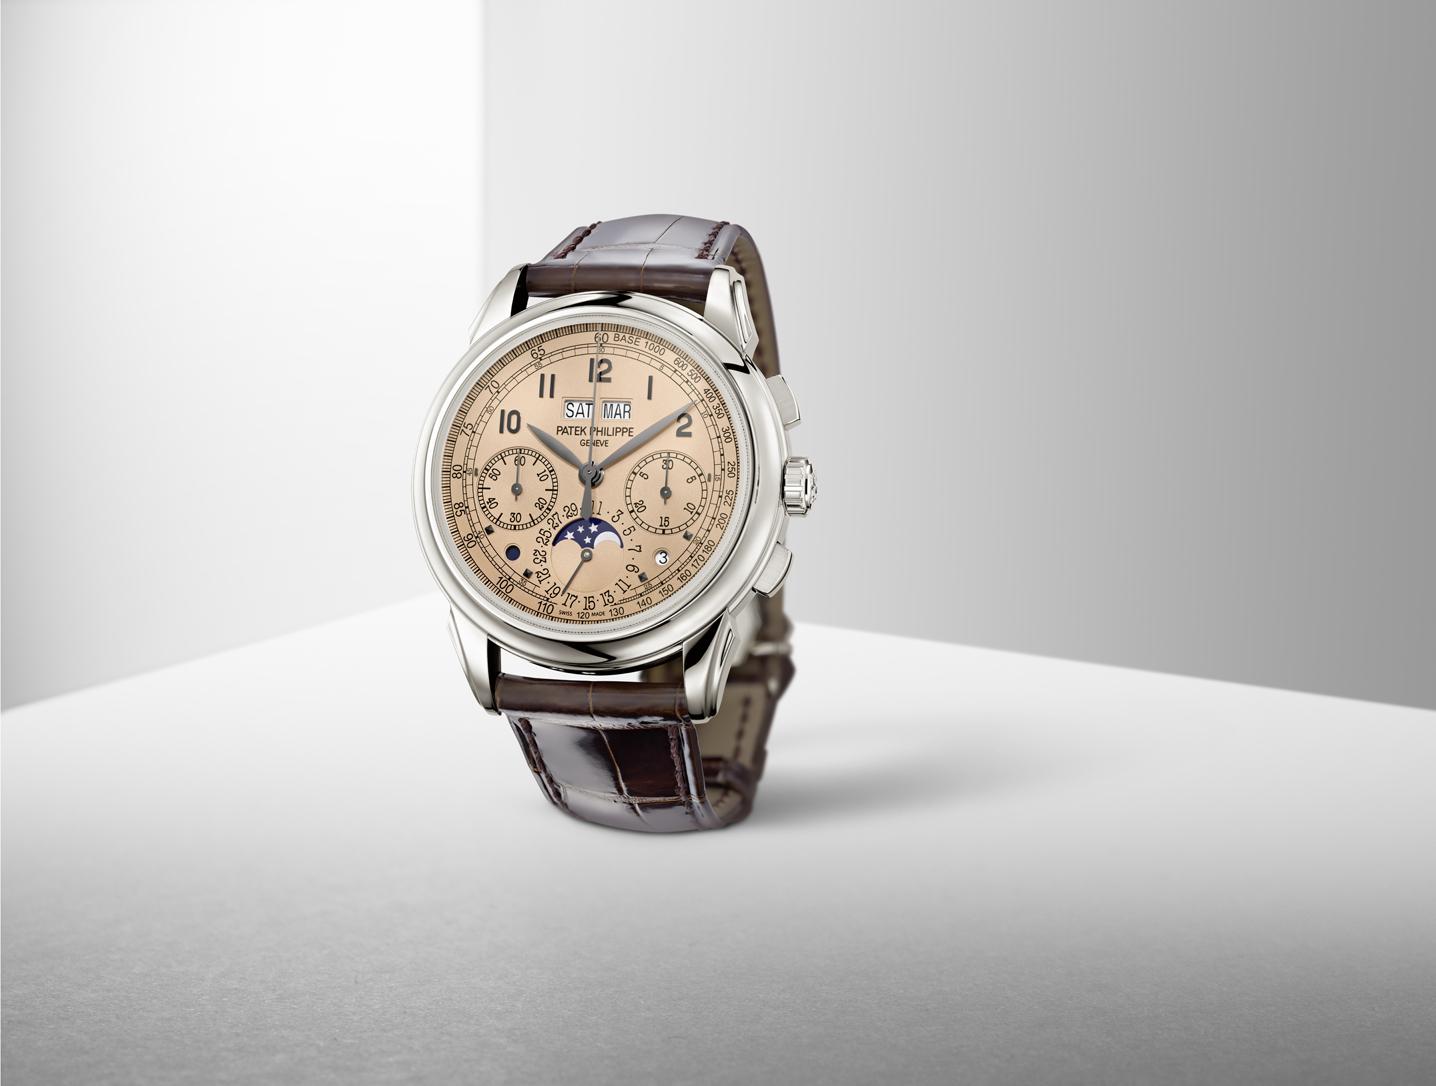 De 41 mm 5270P is een platina eerbetoon aan eerdere horloges van Patek Philippe met de combinatie chronograaf/eeuwigdurende kalender